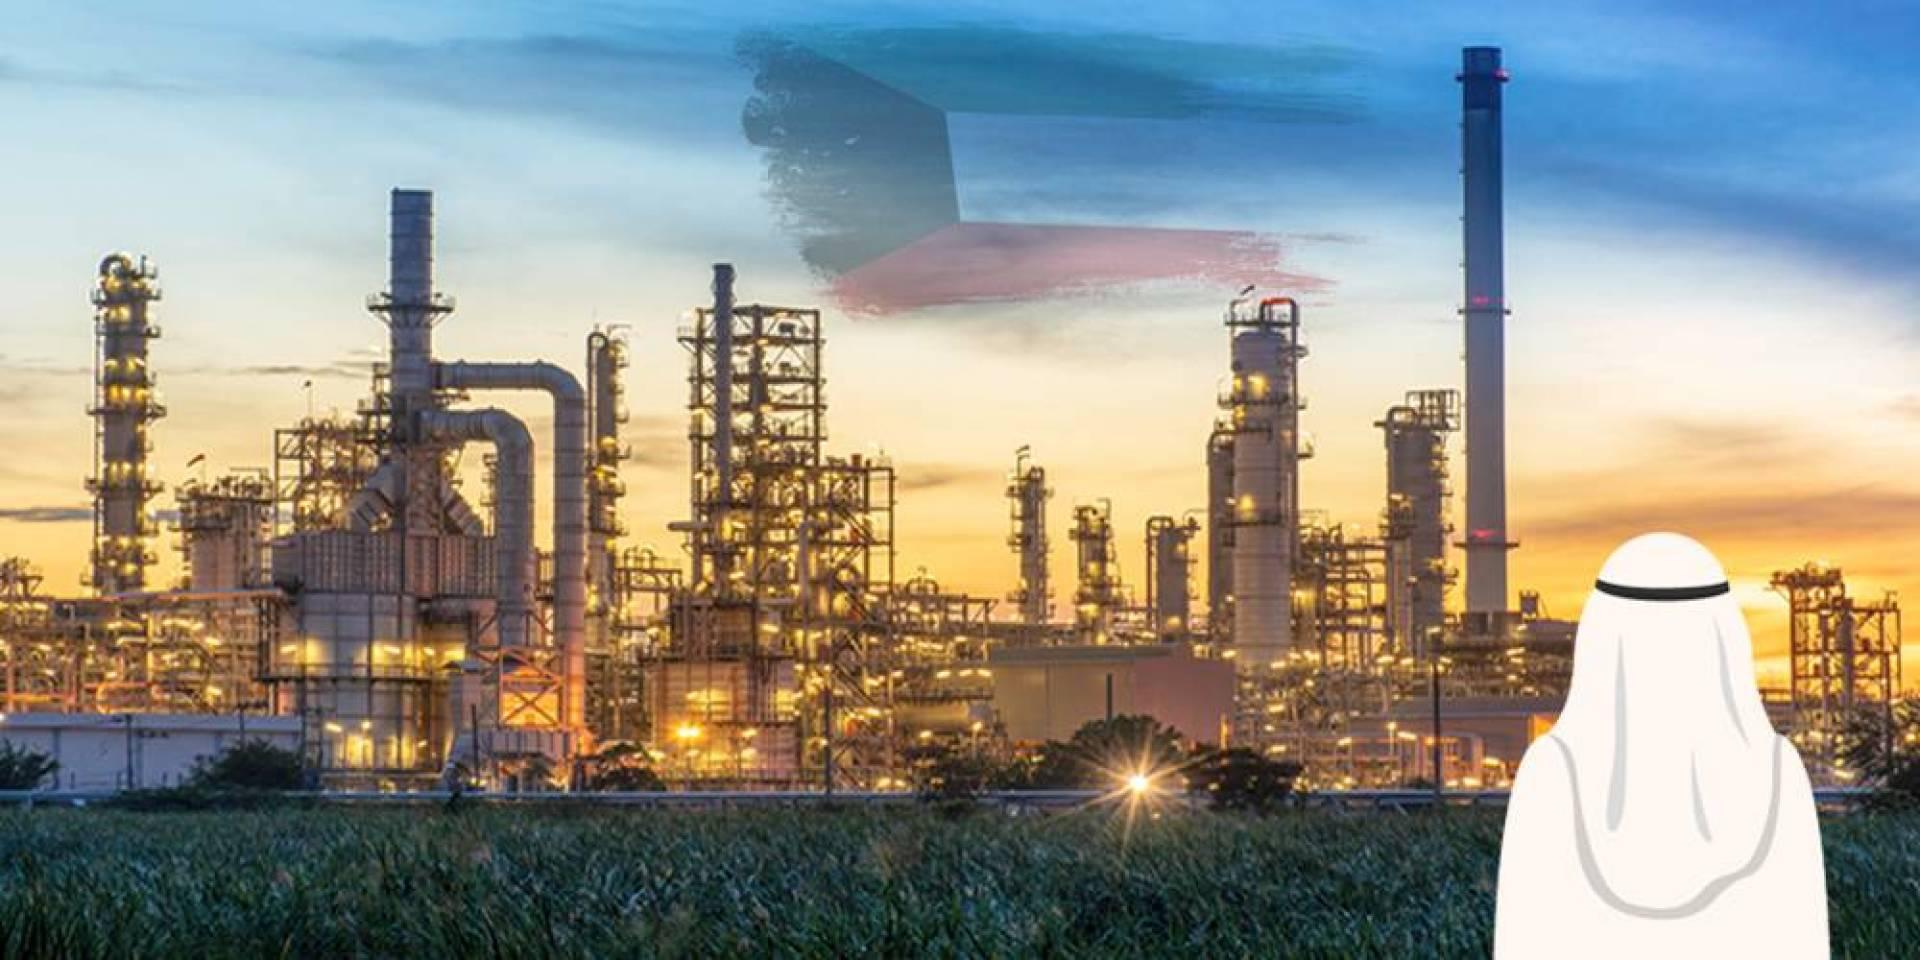 أسعار النفط تتعافى.. والإيرادات تتراجع!